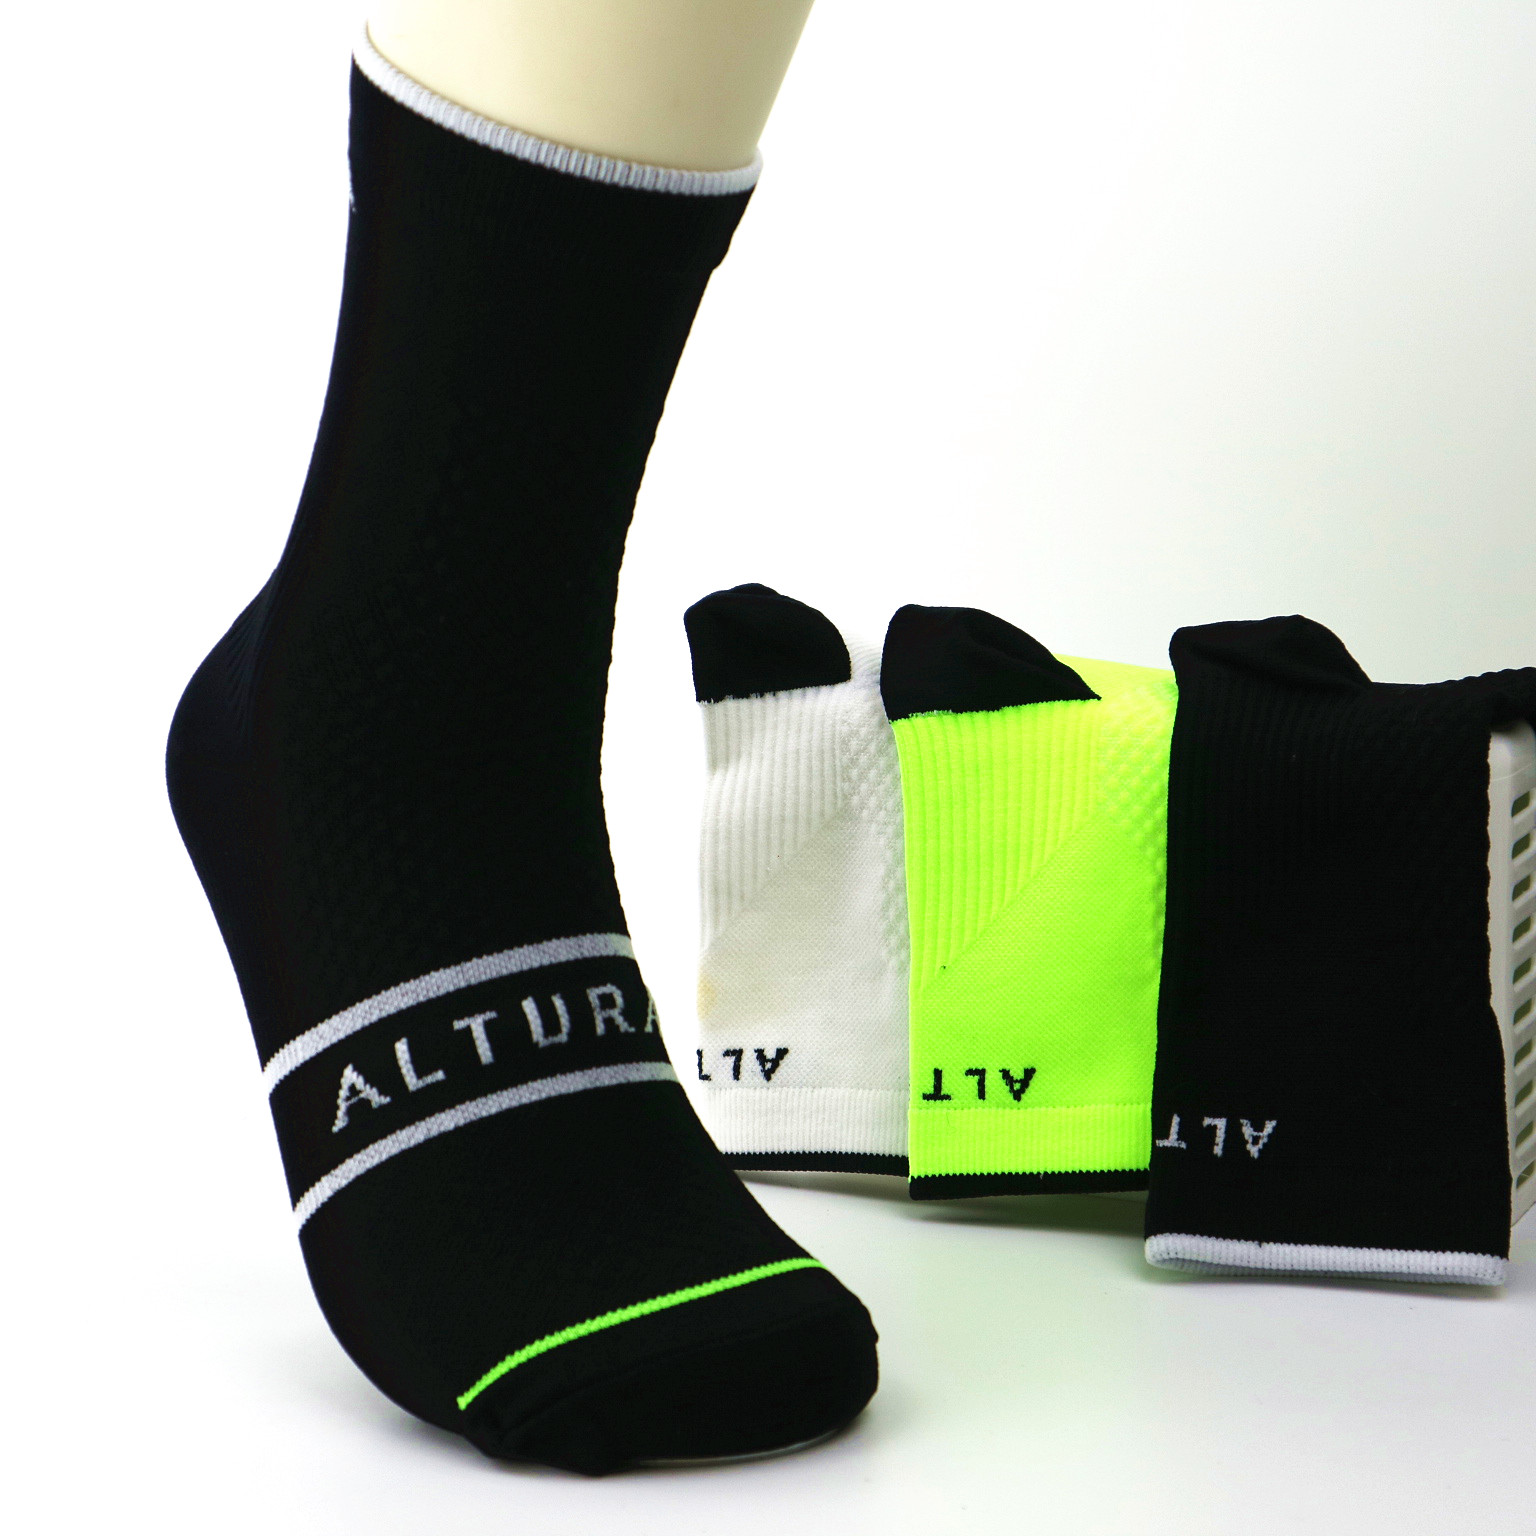 Новые женские велосипедные спортивные носки для альпинизма, походов, походов, дышащие быстросохнущие носки 38-43